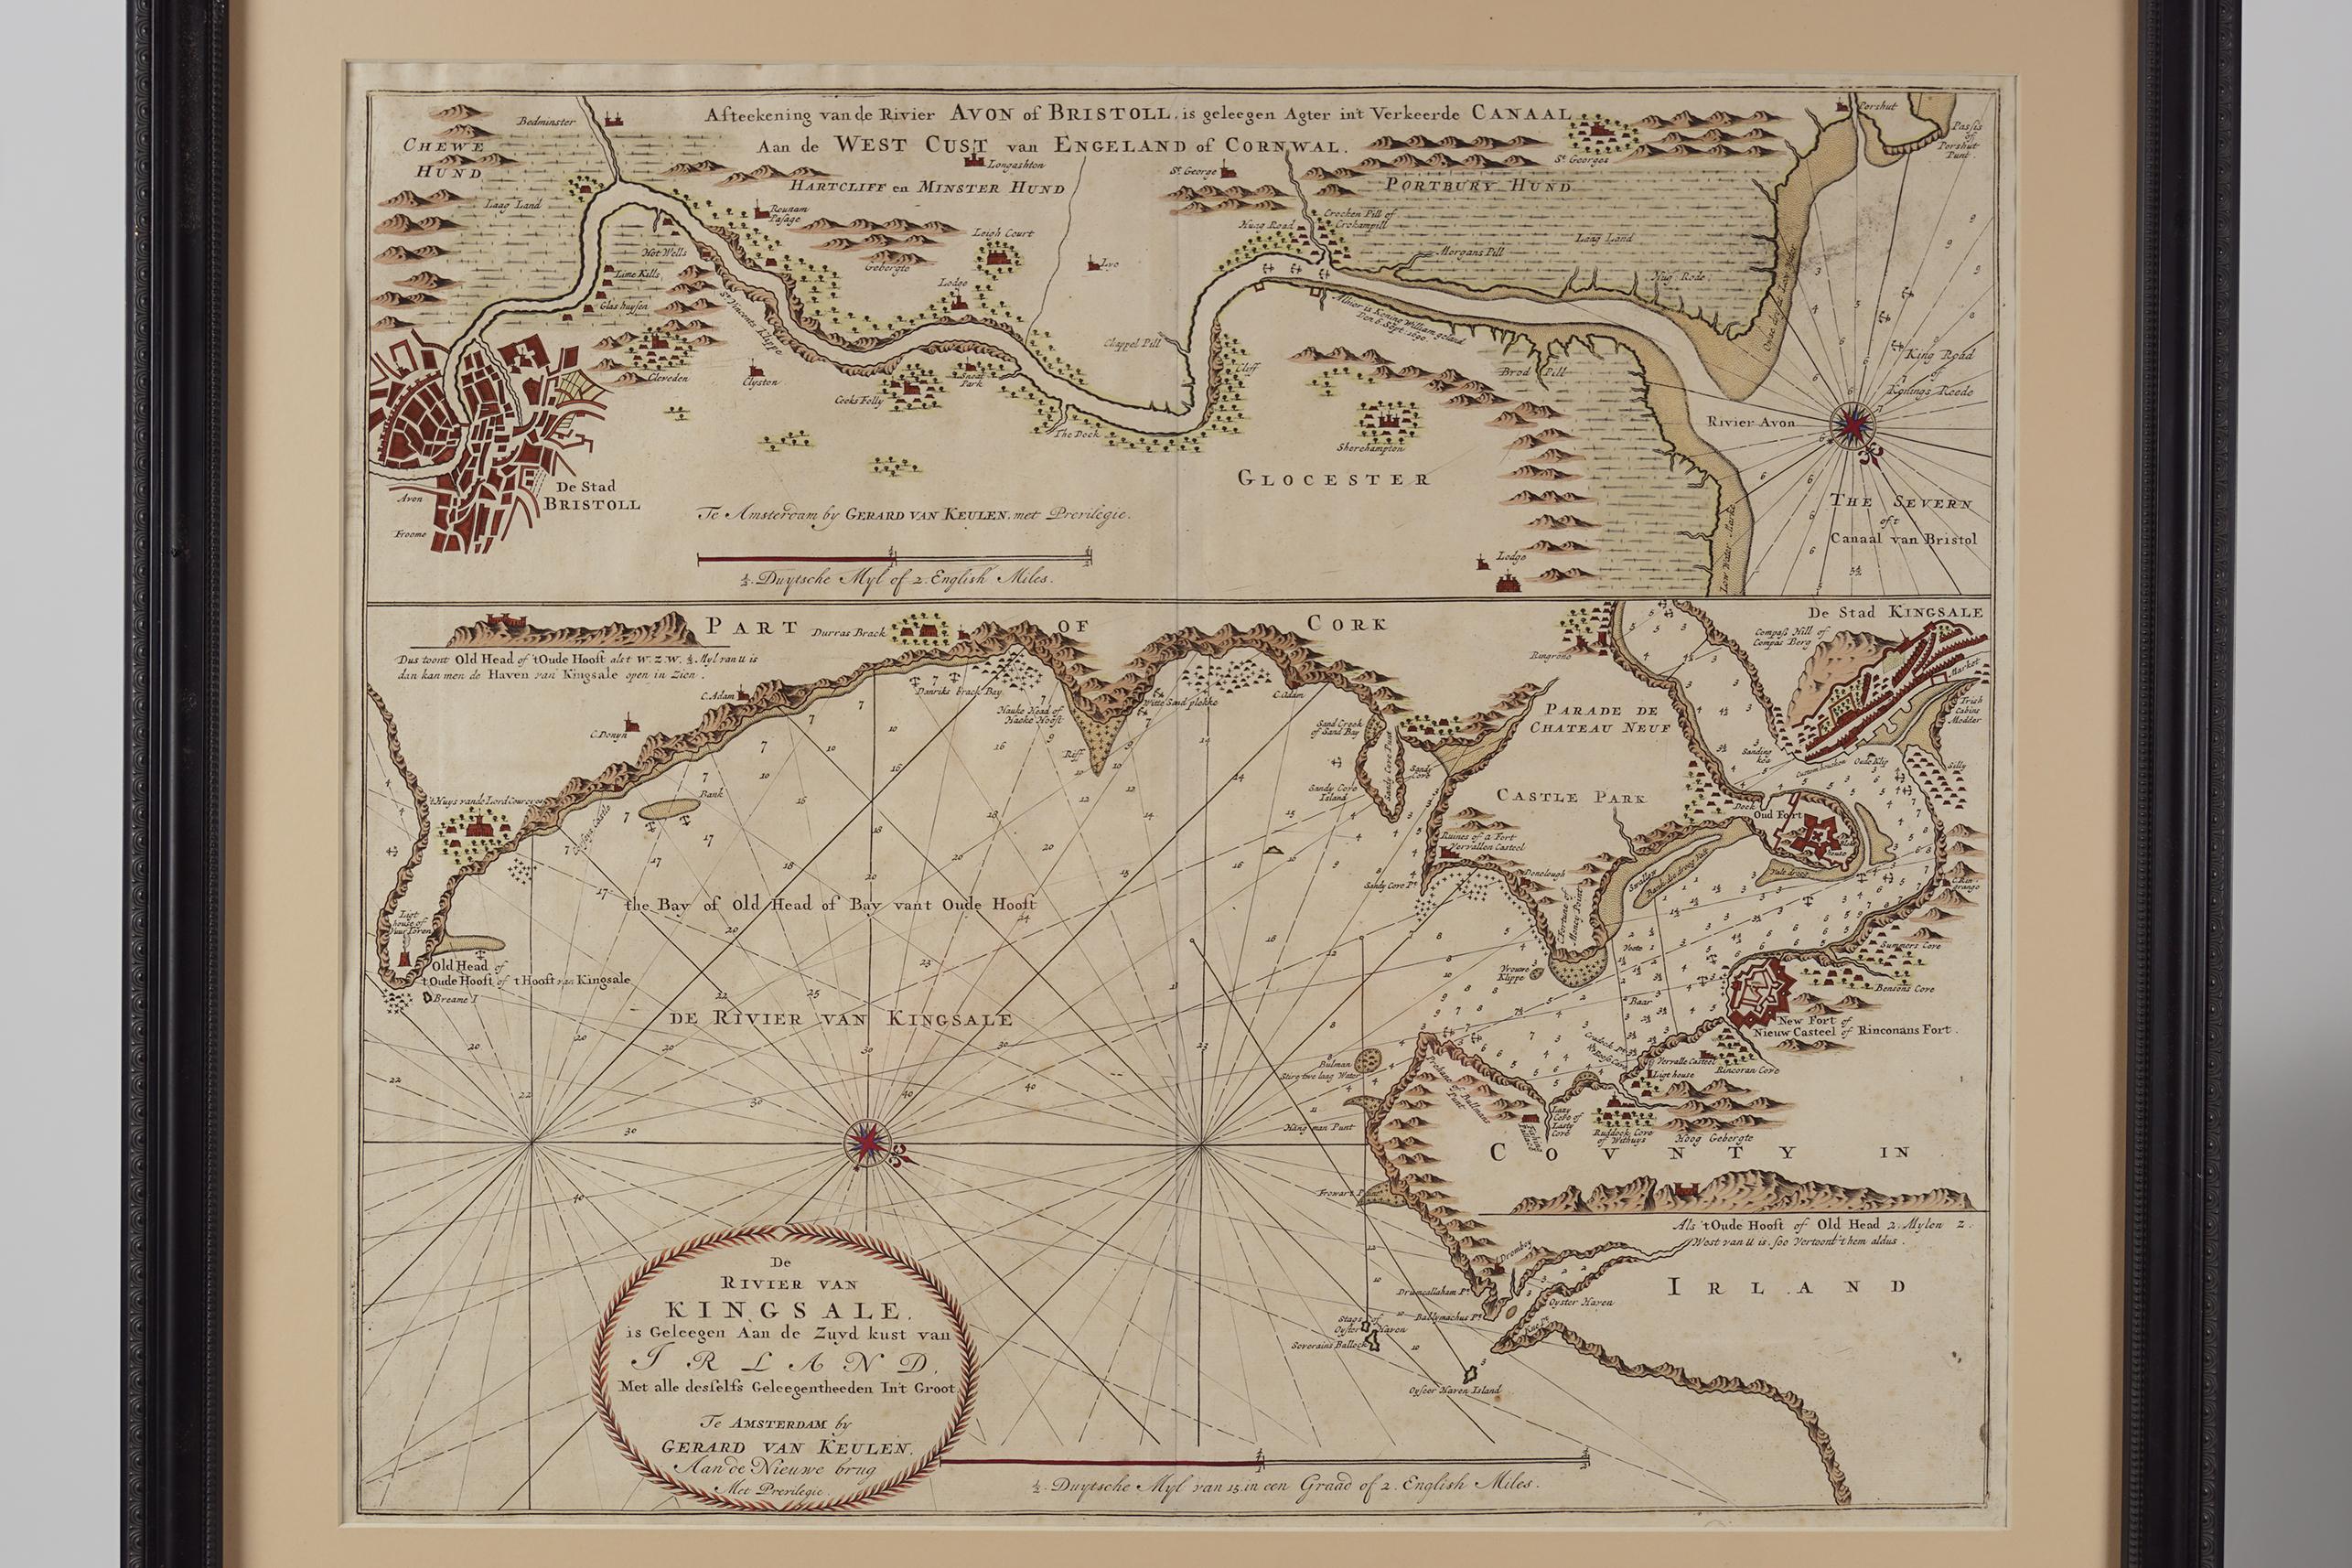 JOHNANNES VAN KEULEN (C. 1654-1715) - Image 2 of 3